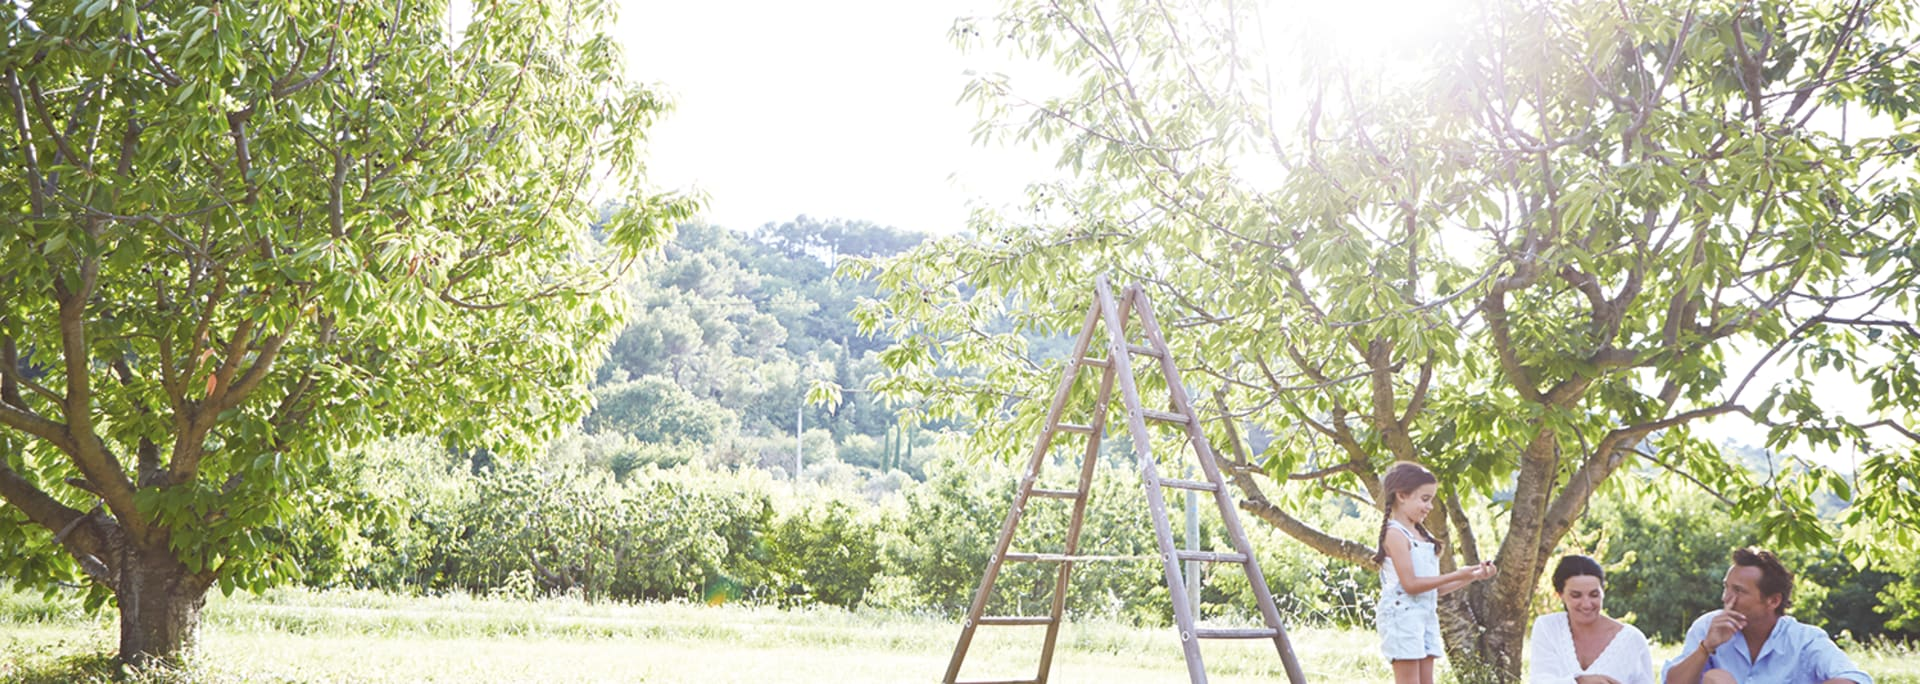 Pique-nique en famille devant des arbres en été